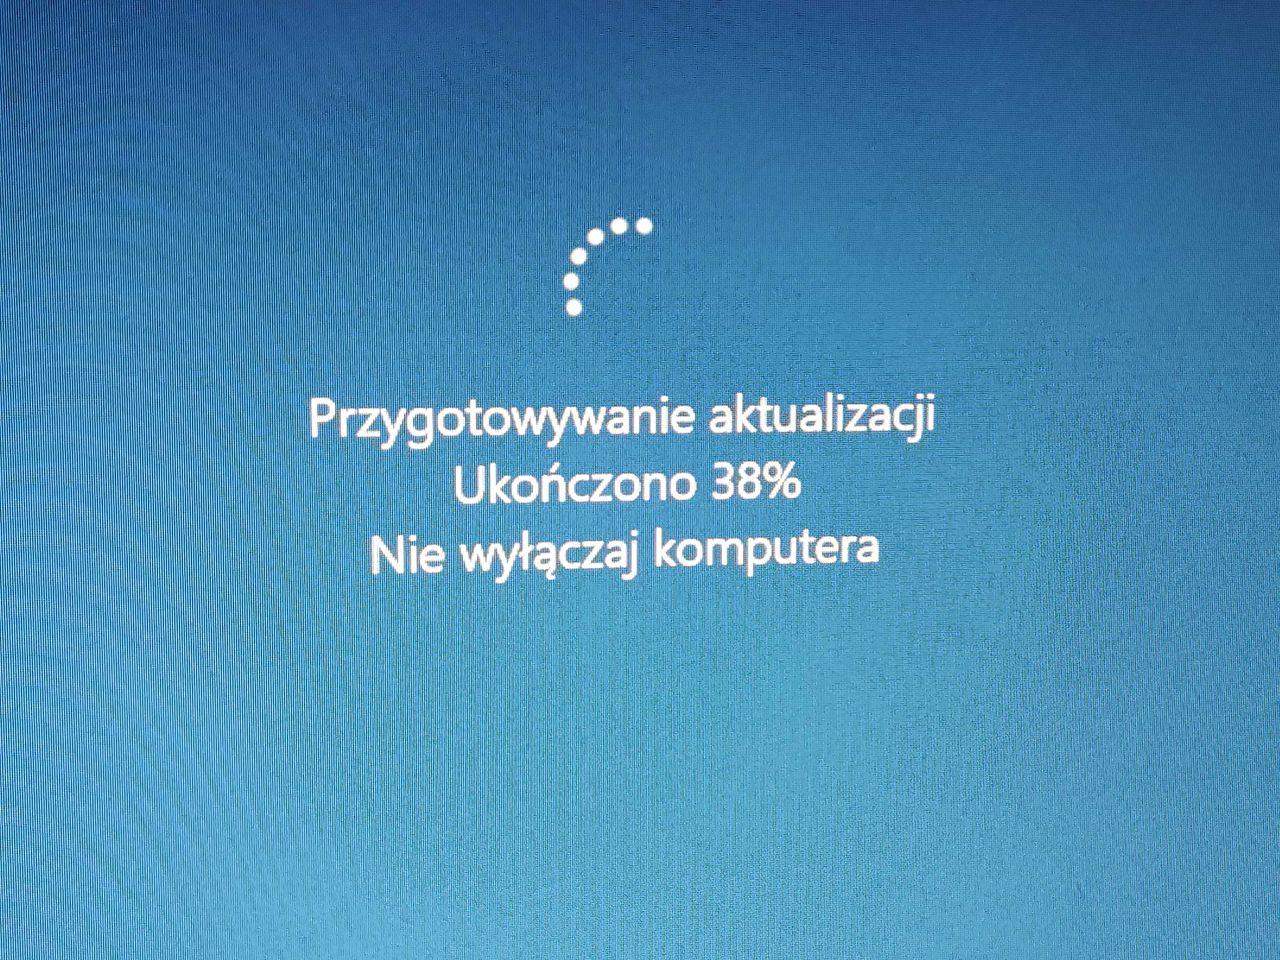 Kolejny błąd w Windows 10. Tym razem zawiniła aktualizacja KB5003173 - Windows 10